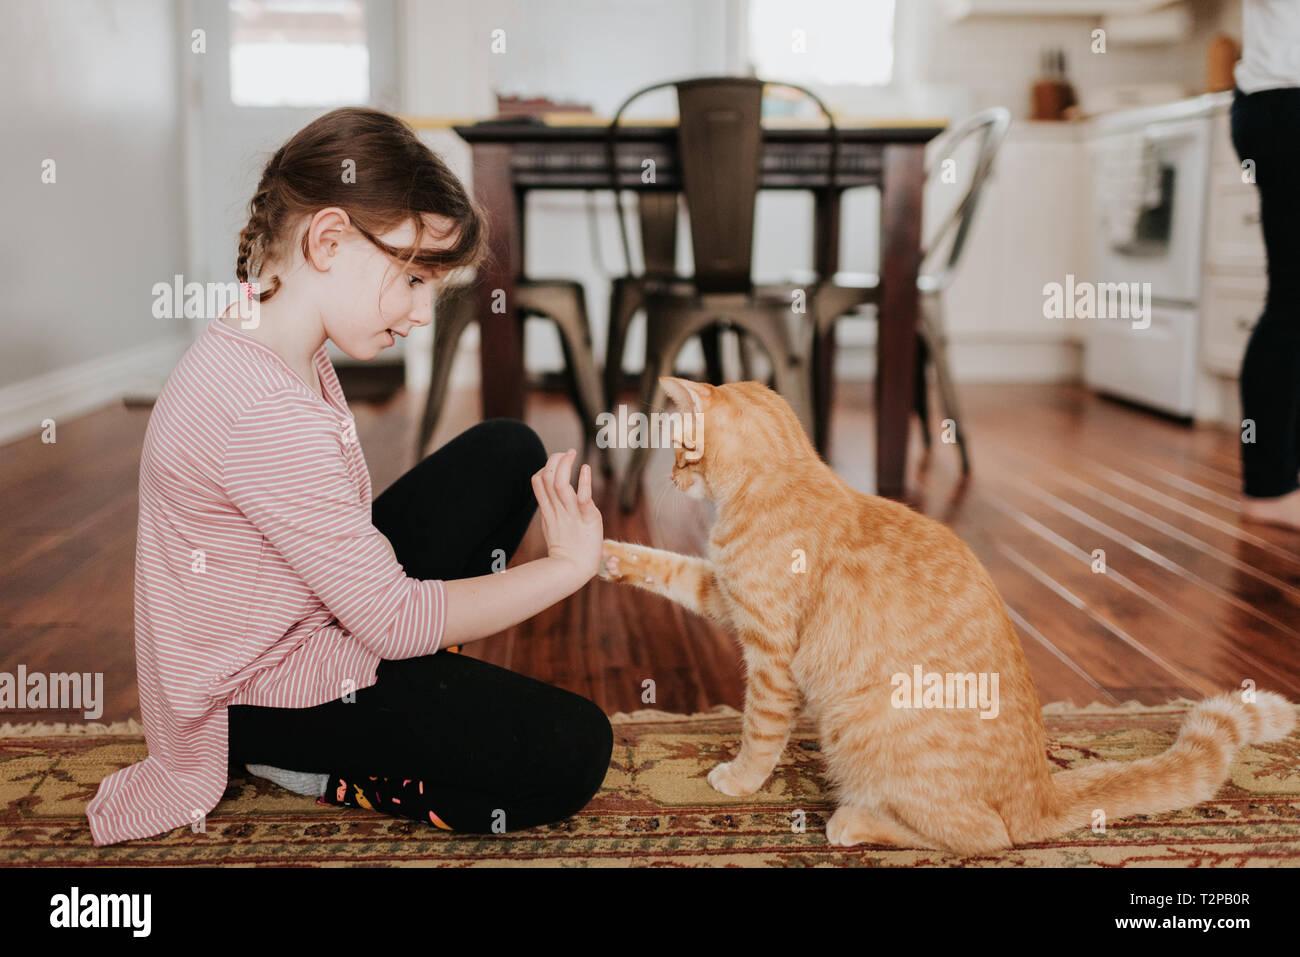 Mädchen spielen mit Katze zu Hause Stockfoto